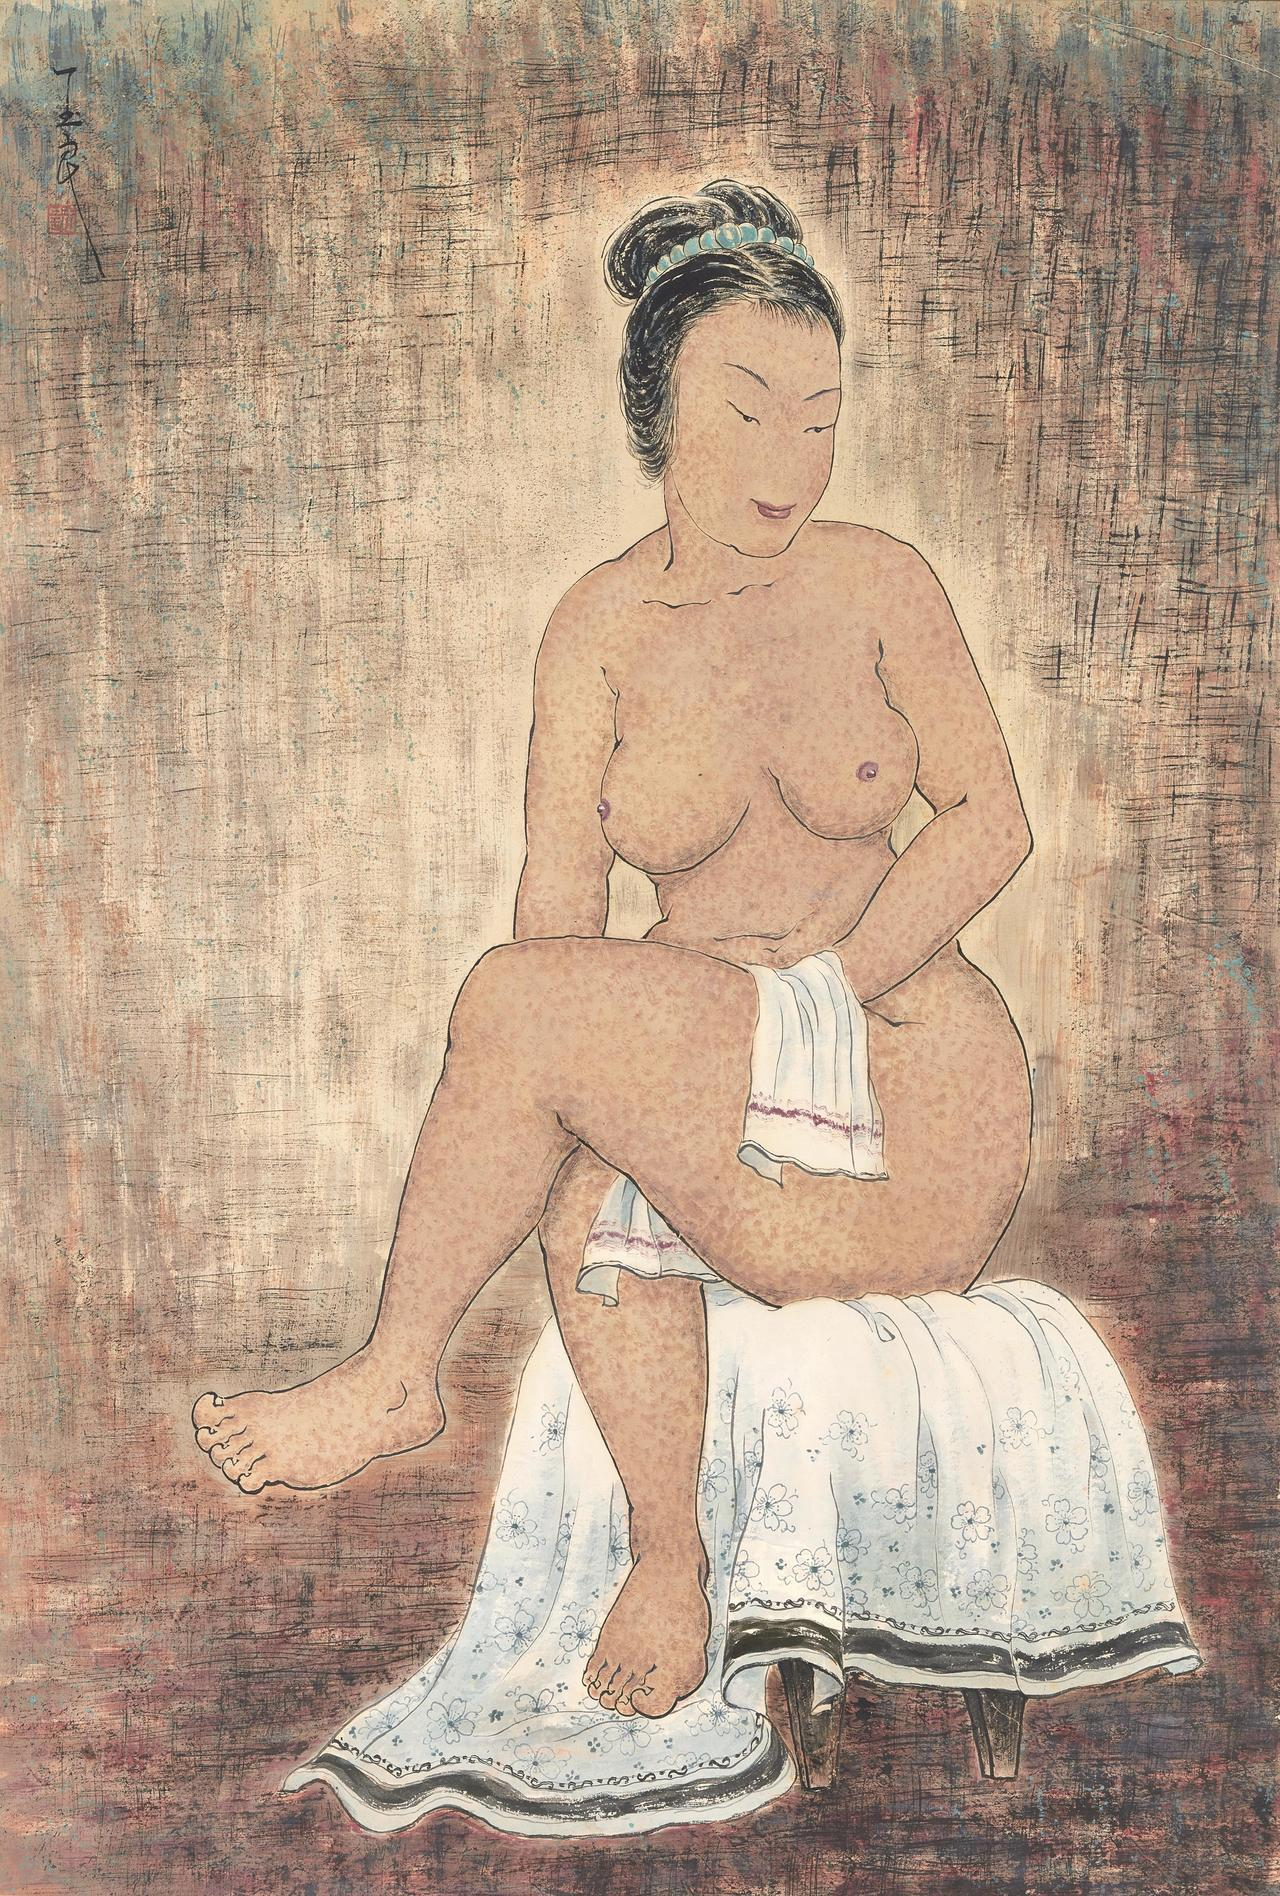 潘玉良《坐姿裸女》,估價約4,700萬元。圖/中國嘉德提供